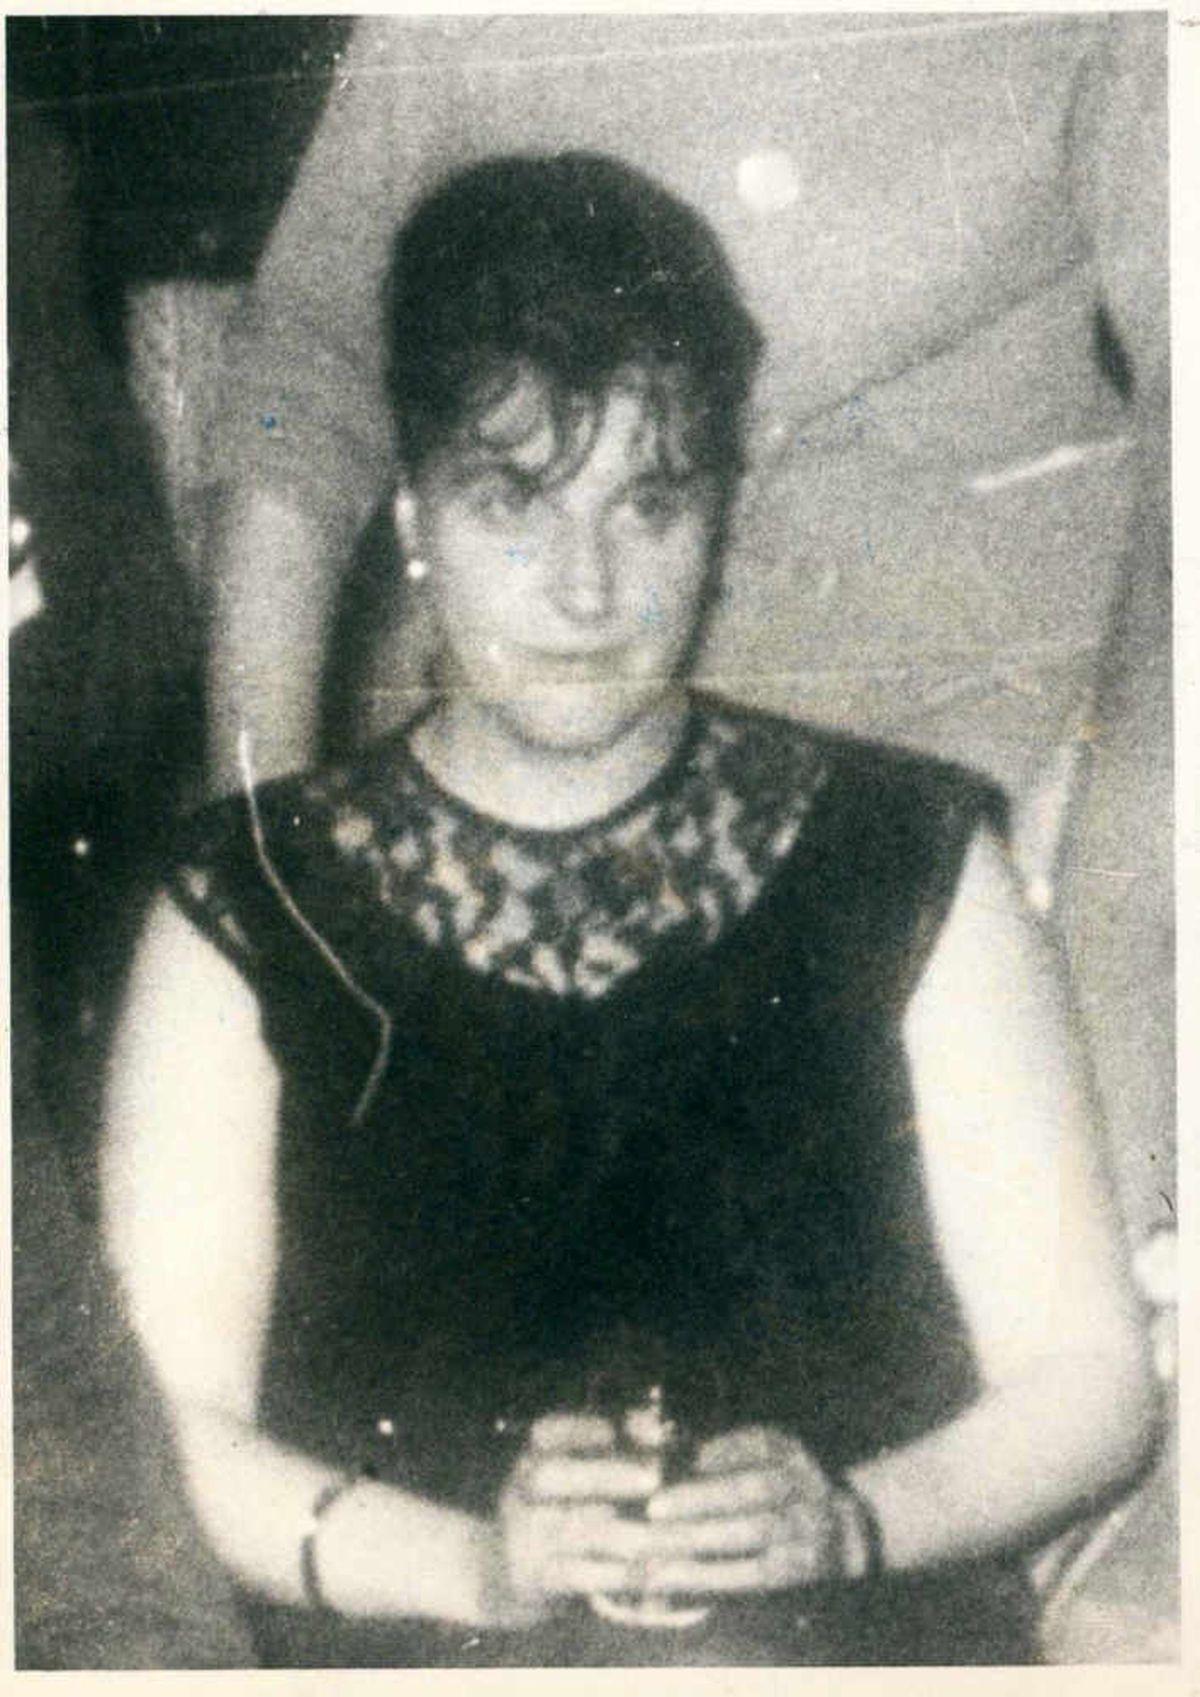 Iris Burkitt, who was shot dead at her home